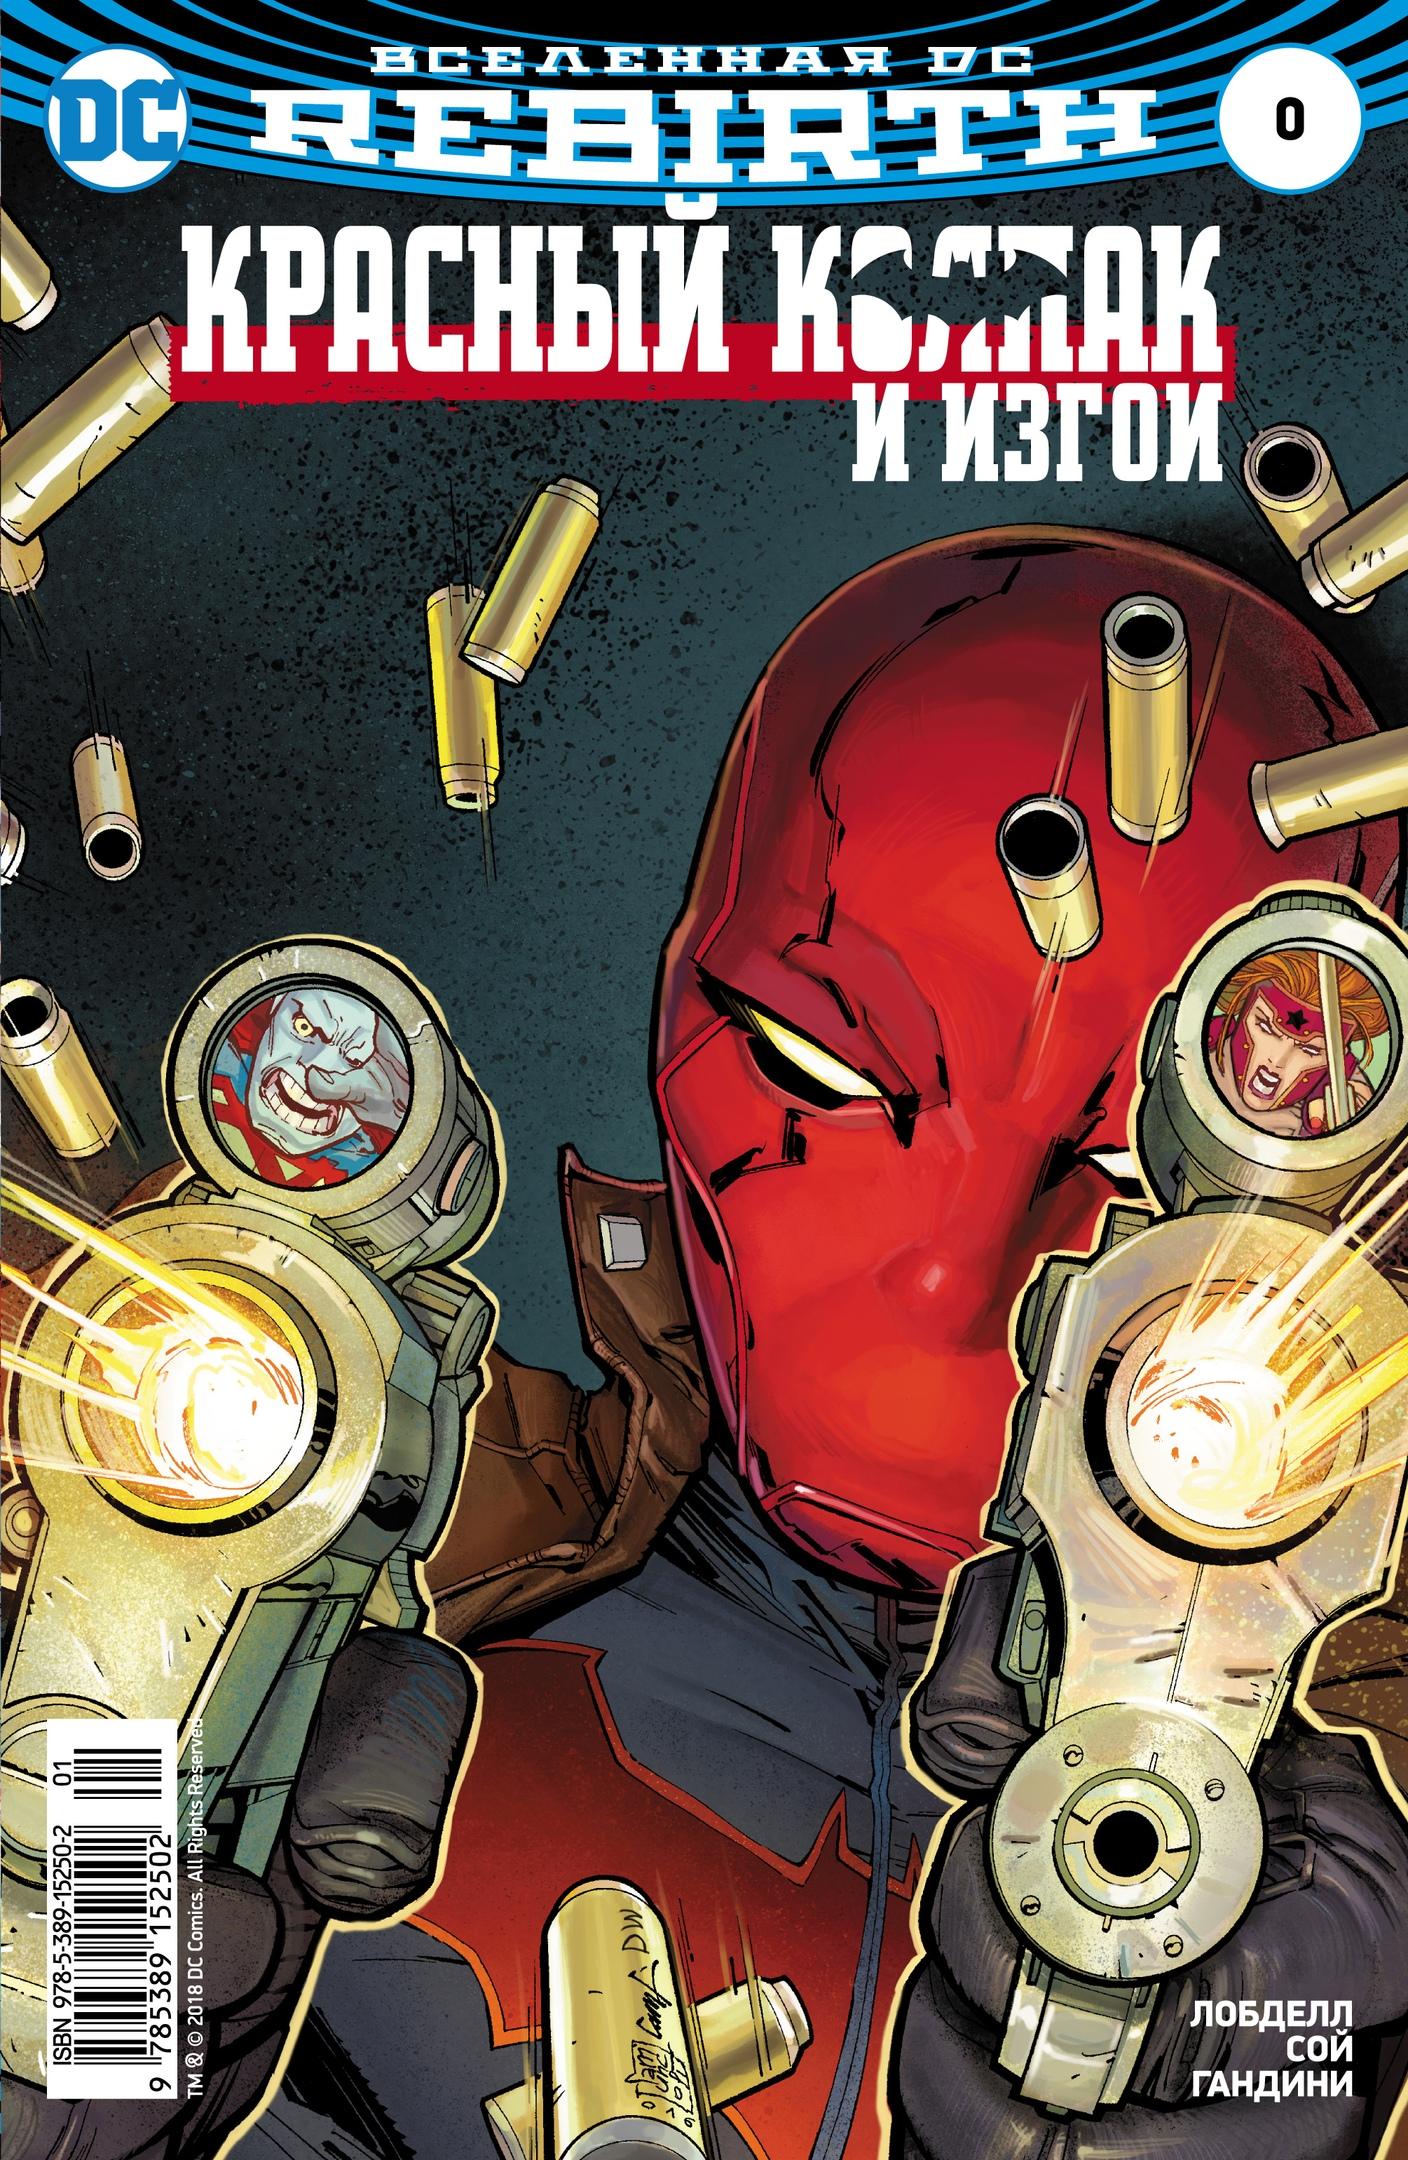 Вселенная DC. Rebirth. Титаны #0-1; Красный Колпак и Изгои Две новых серии о популярных героях...